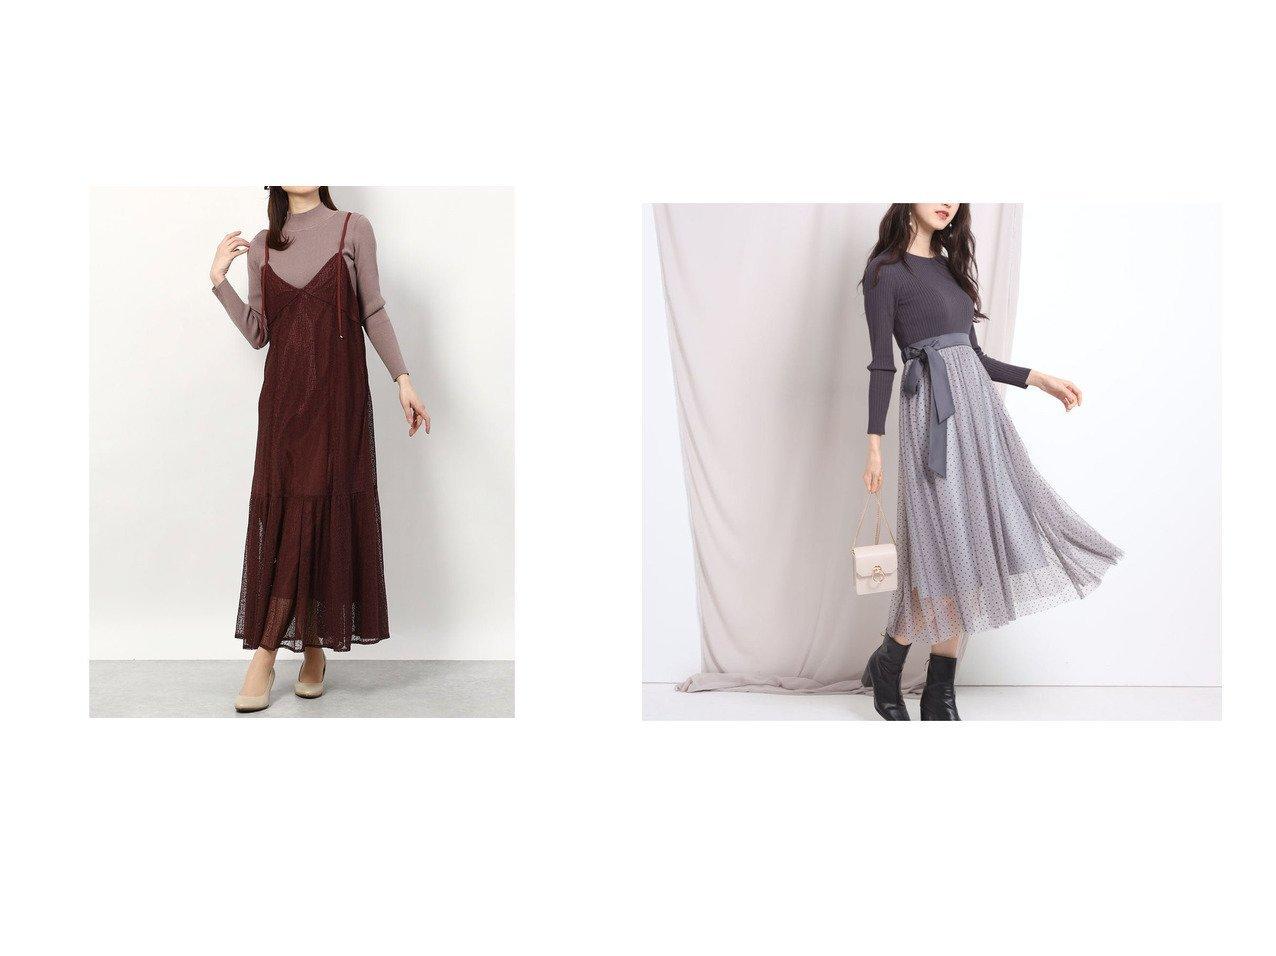 【Mystrada/マイストラーダ】のレースキャミワンピセット&【Rirandture/リランドチュール】のドットチュールドッキングワンピース ワンピース・ドレスのおすすめ!人気、トレンド・レディースファッションの通販 おすすめで人気の流行・トレンド、ファッションの通販商品 メンズファッション・キッズファッション・インテリア・家具・レディースファッション・服の通販 founy(ファニー) https://founy.com/ ファッション Fashion レディースファッション WOMEN ワンピース Dress キャミワンピース No Sleeve Dresses シンプル ドッキング リボン 切替 |ID:crp329100000009387